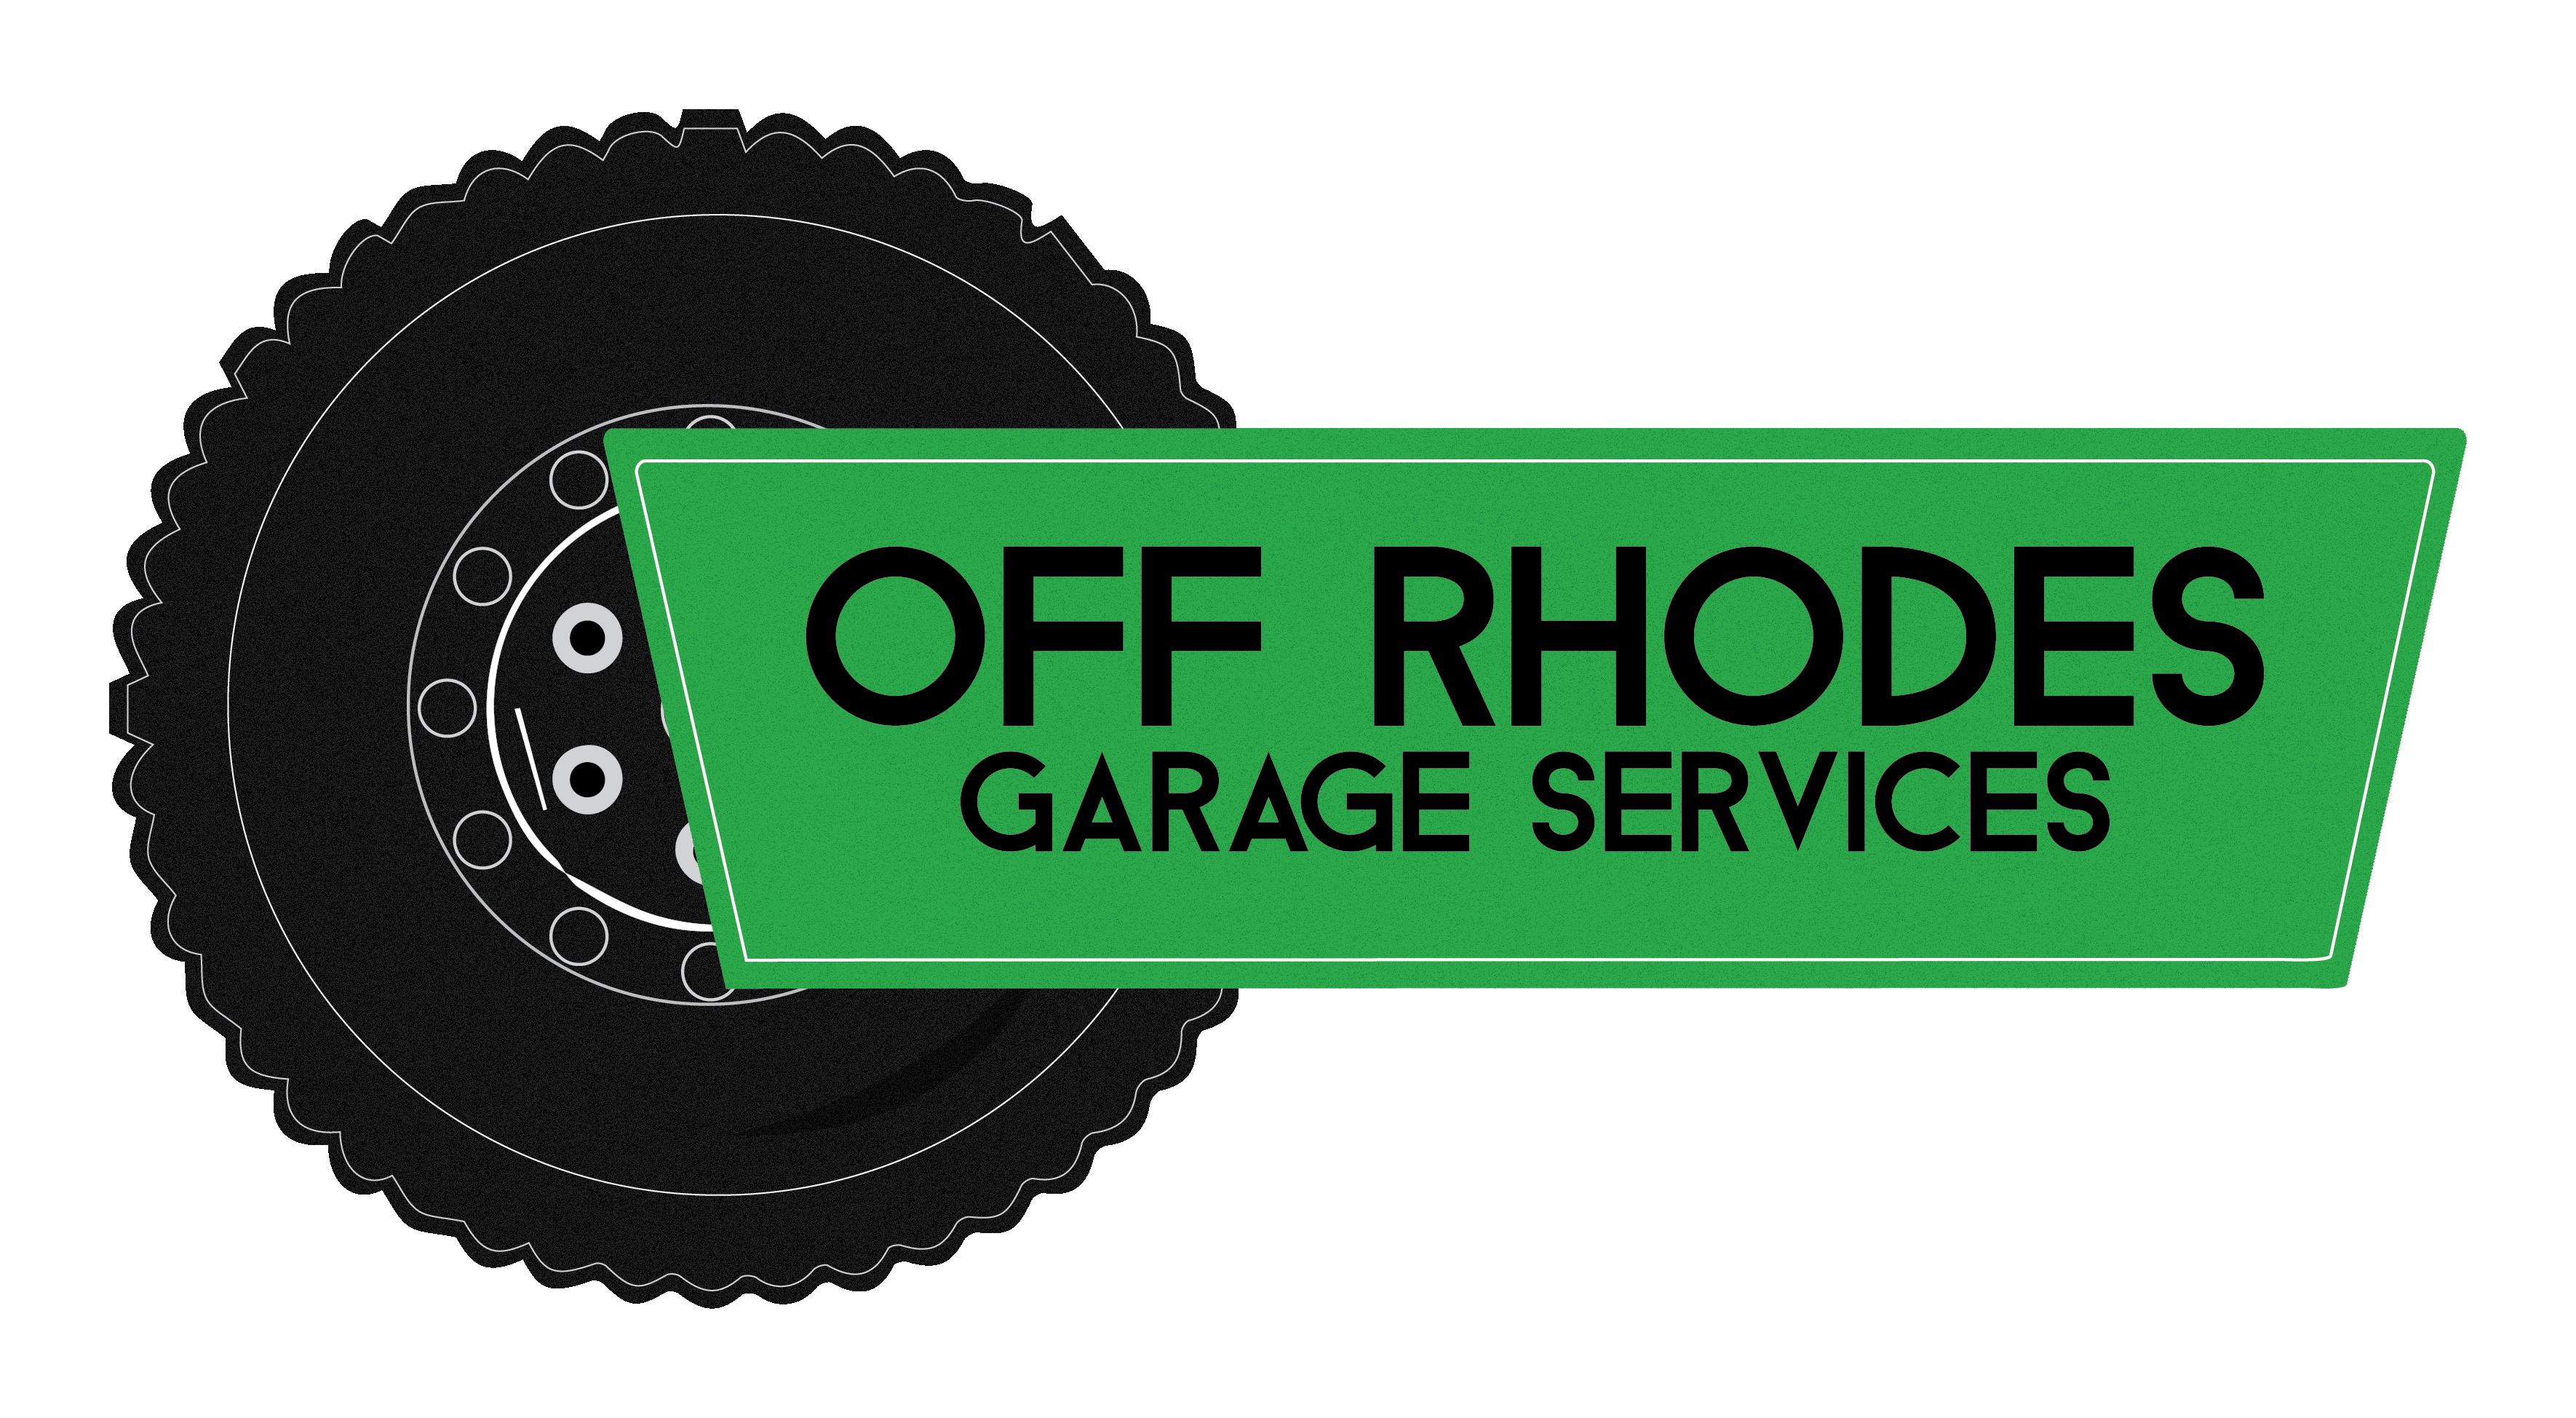 Off Rhodes